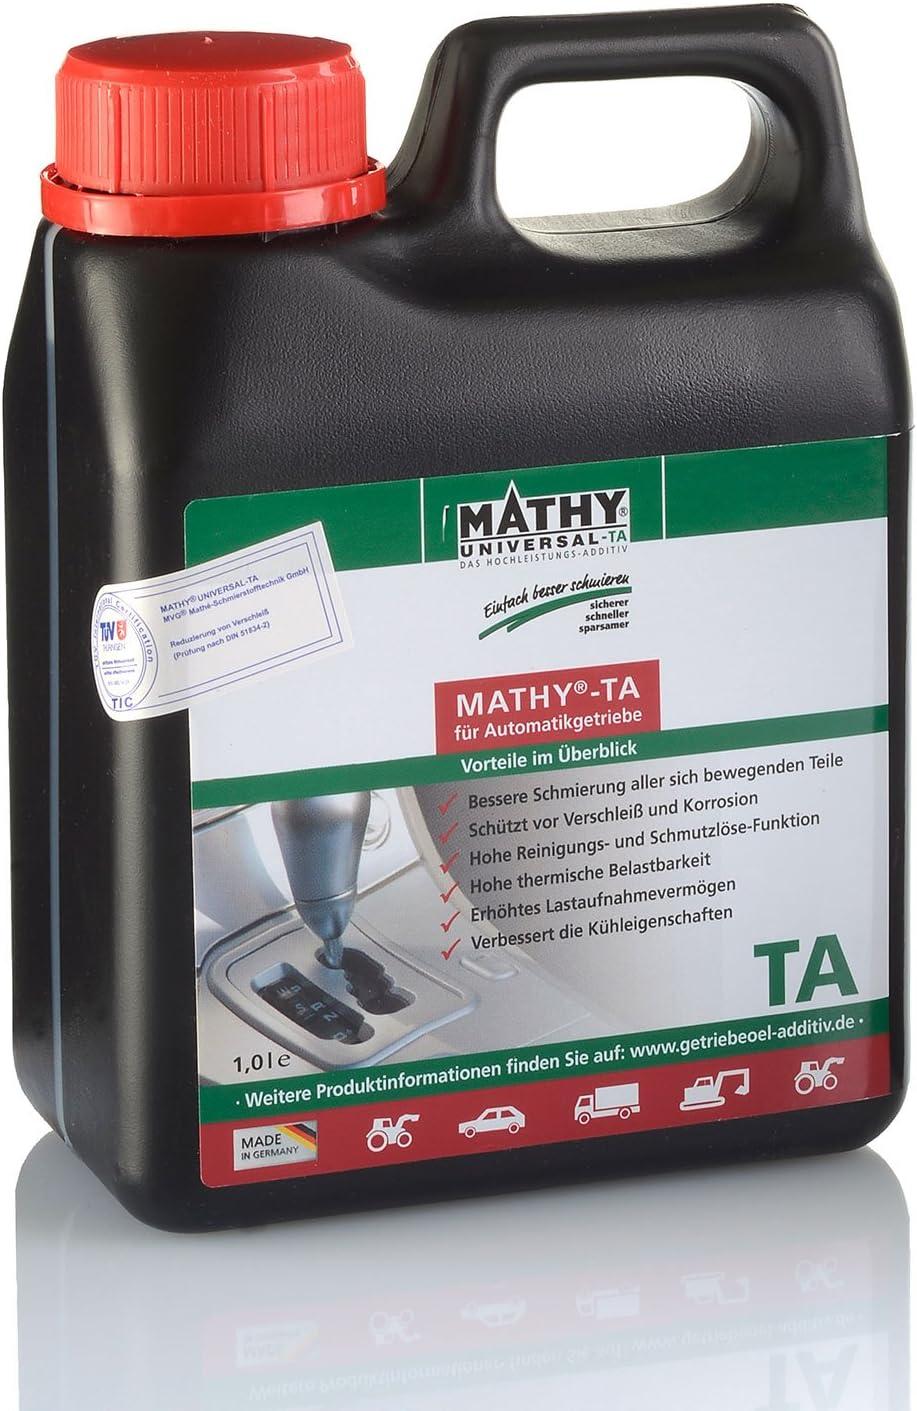 Mathy Ta Additiv Für Automatikgetriebe Zum Schutz Vor Verschleiß Und Vorbeugung Von Getriebeschäden 1 Liter Auto